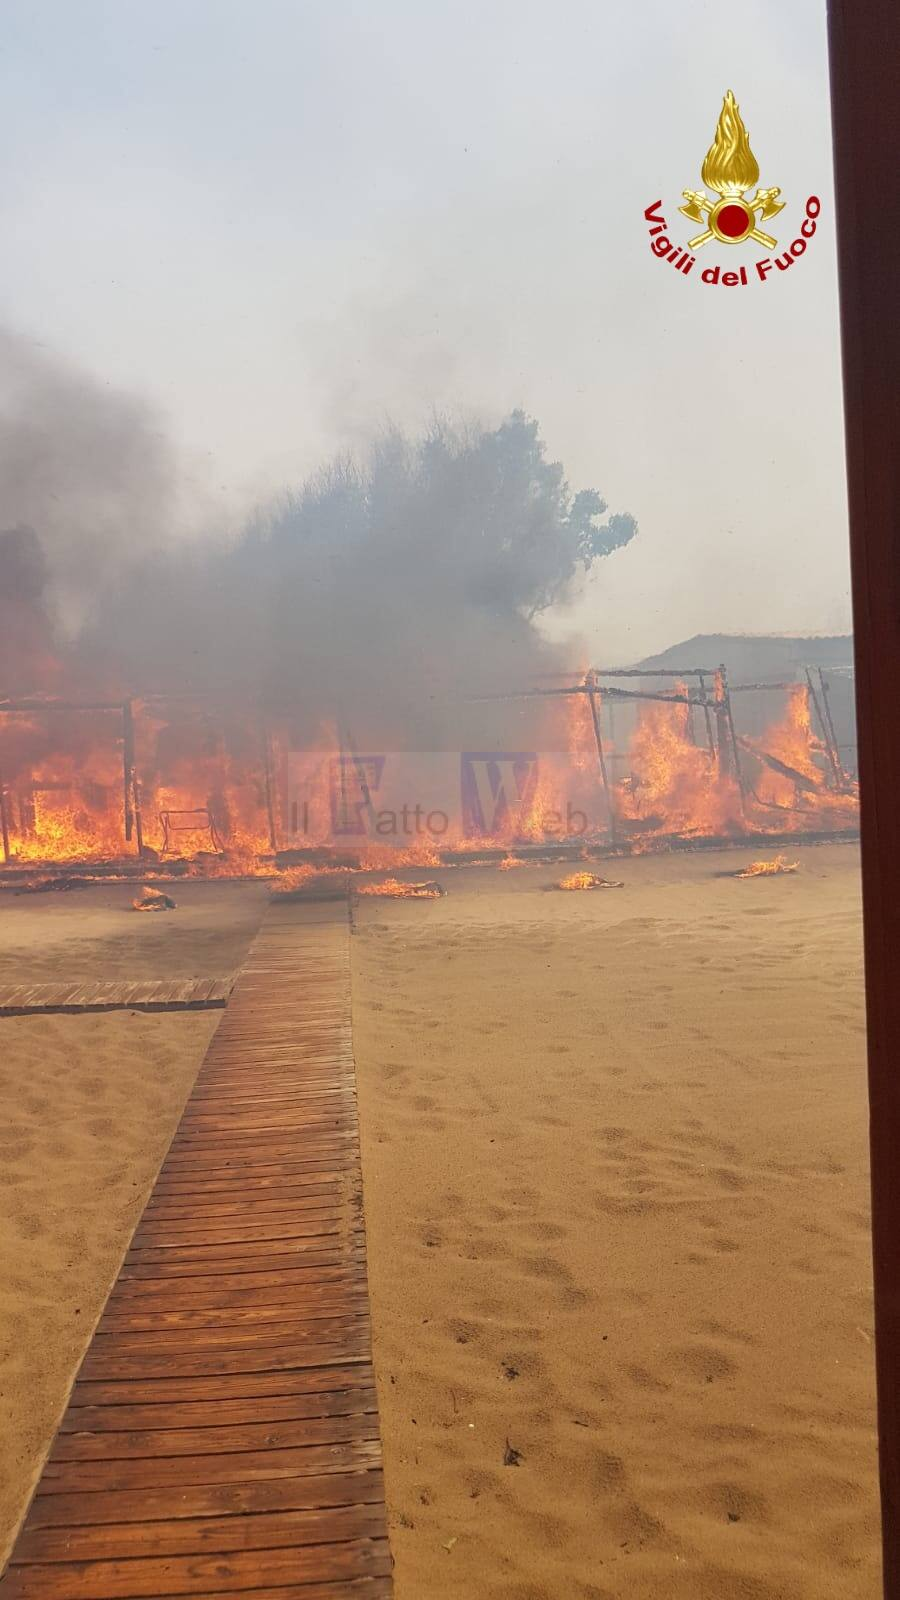 Incendio alla Playa, i VV.FF. raccomandano i bagnanti  di rimanere sulla battigia